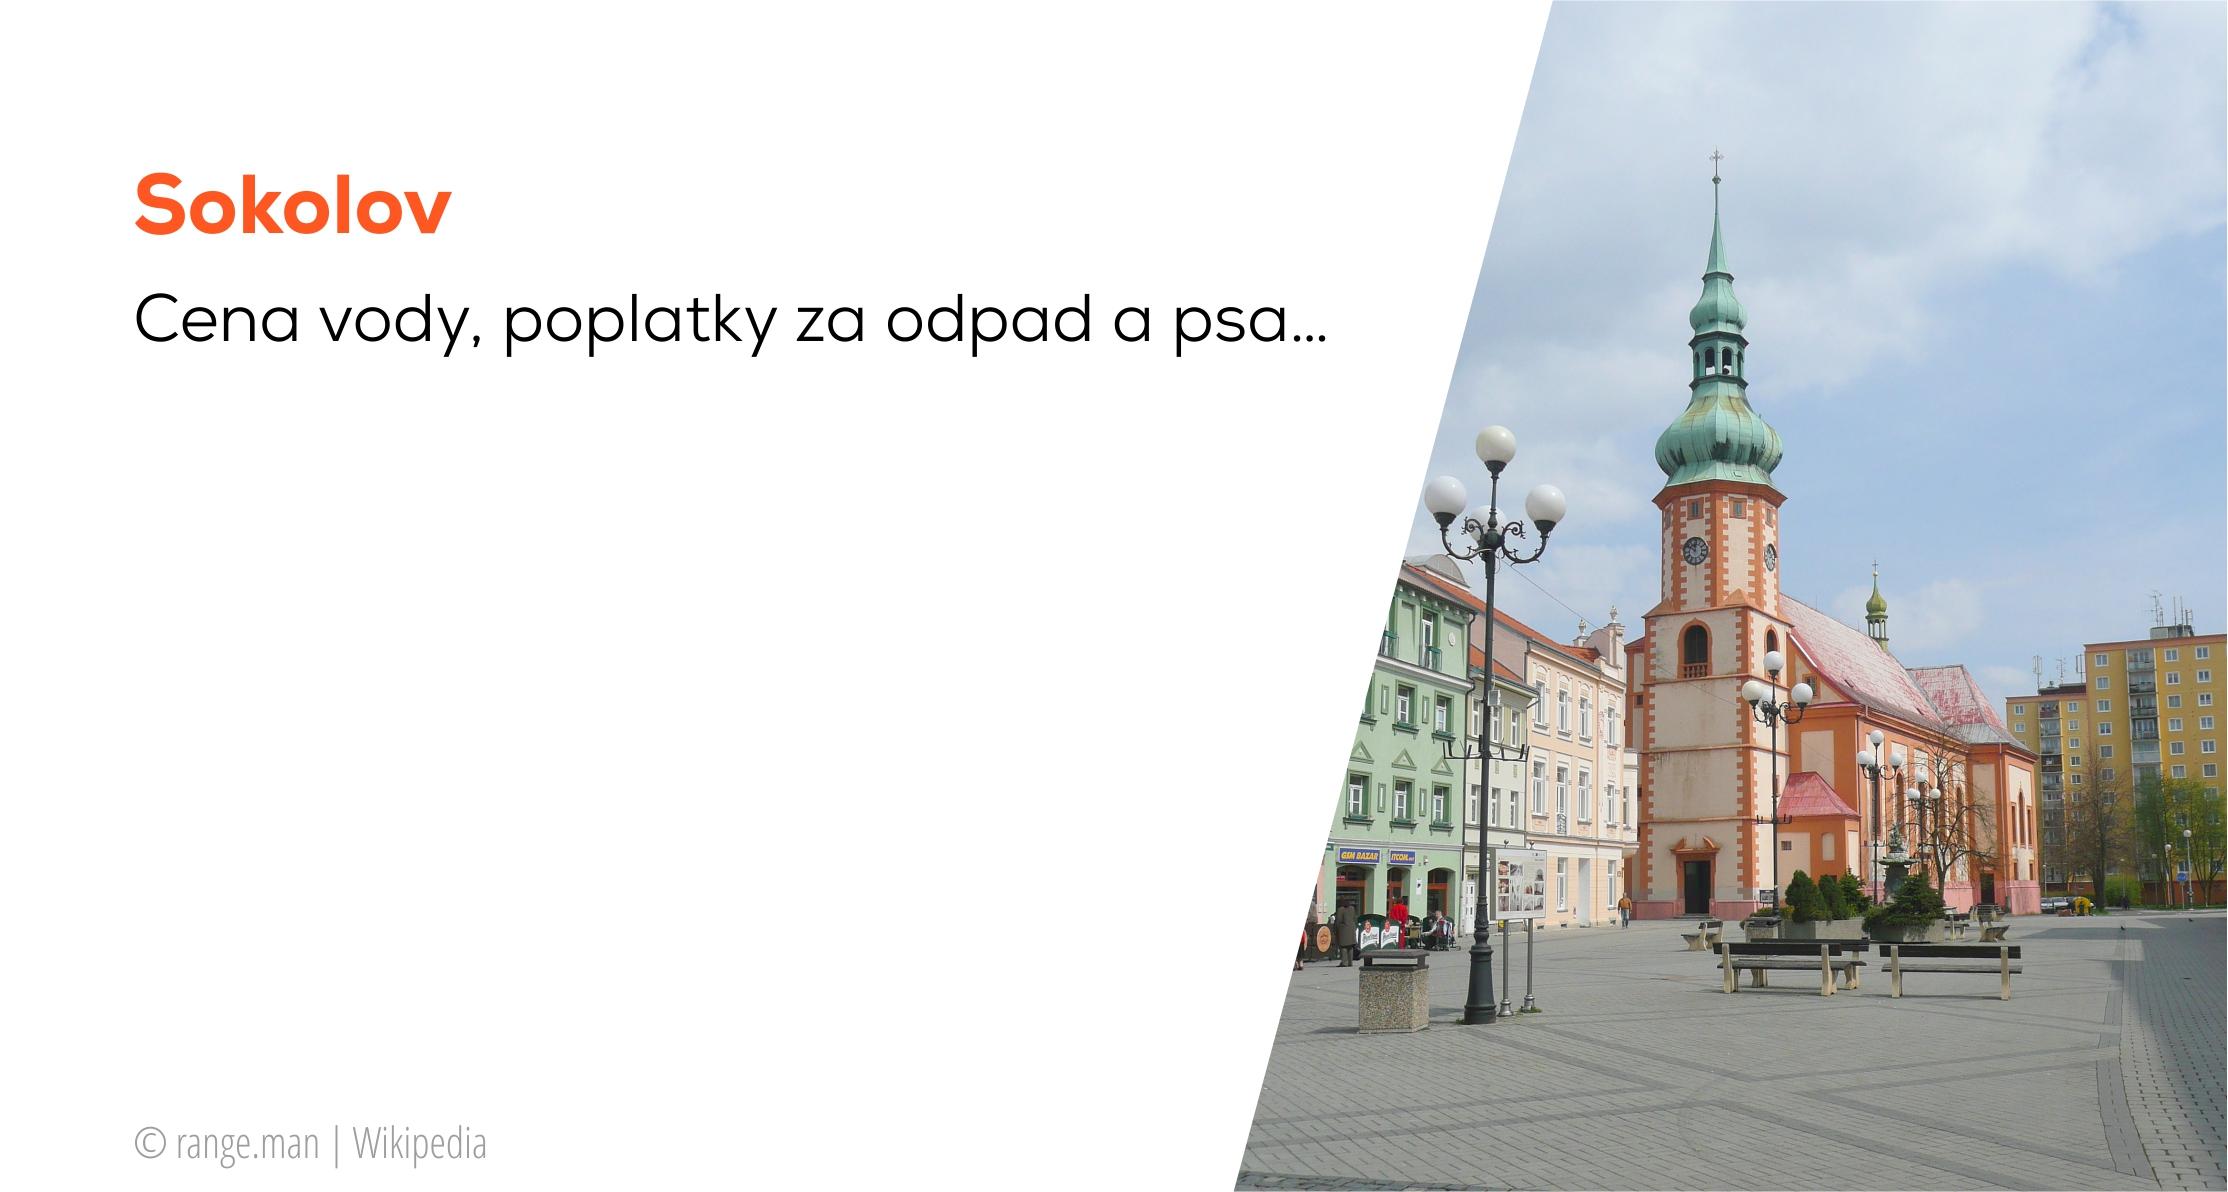 Online pujcka bez doložení príjmu klimkovice ulice